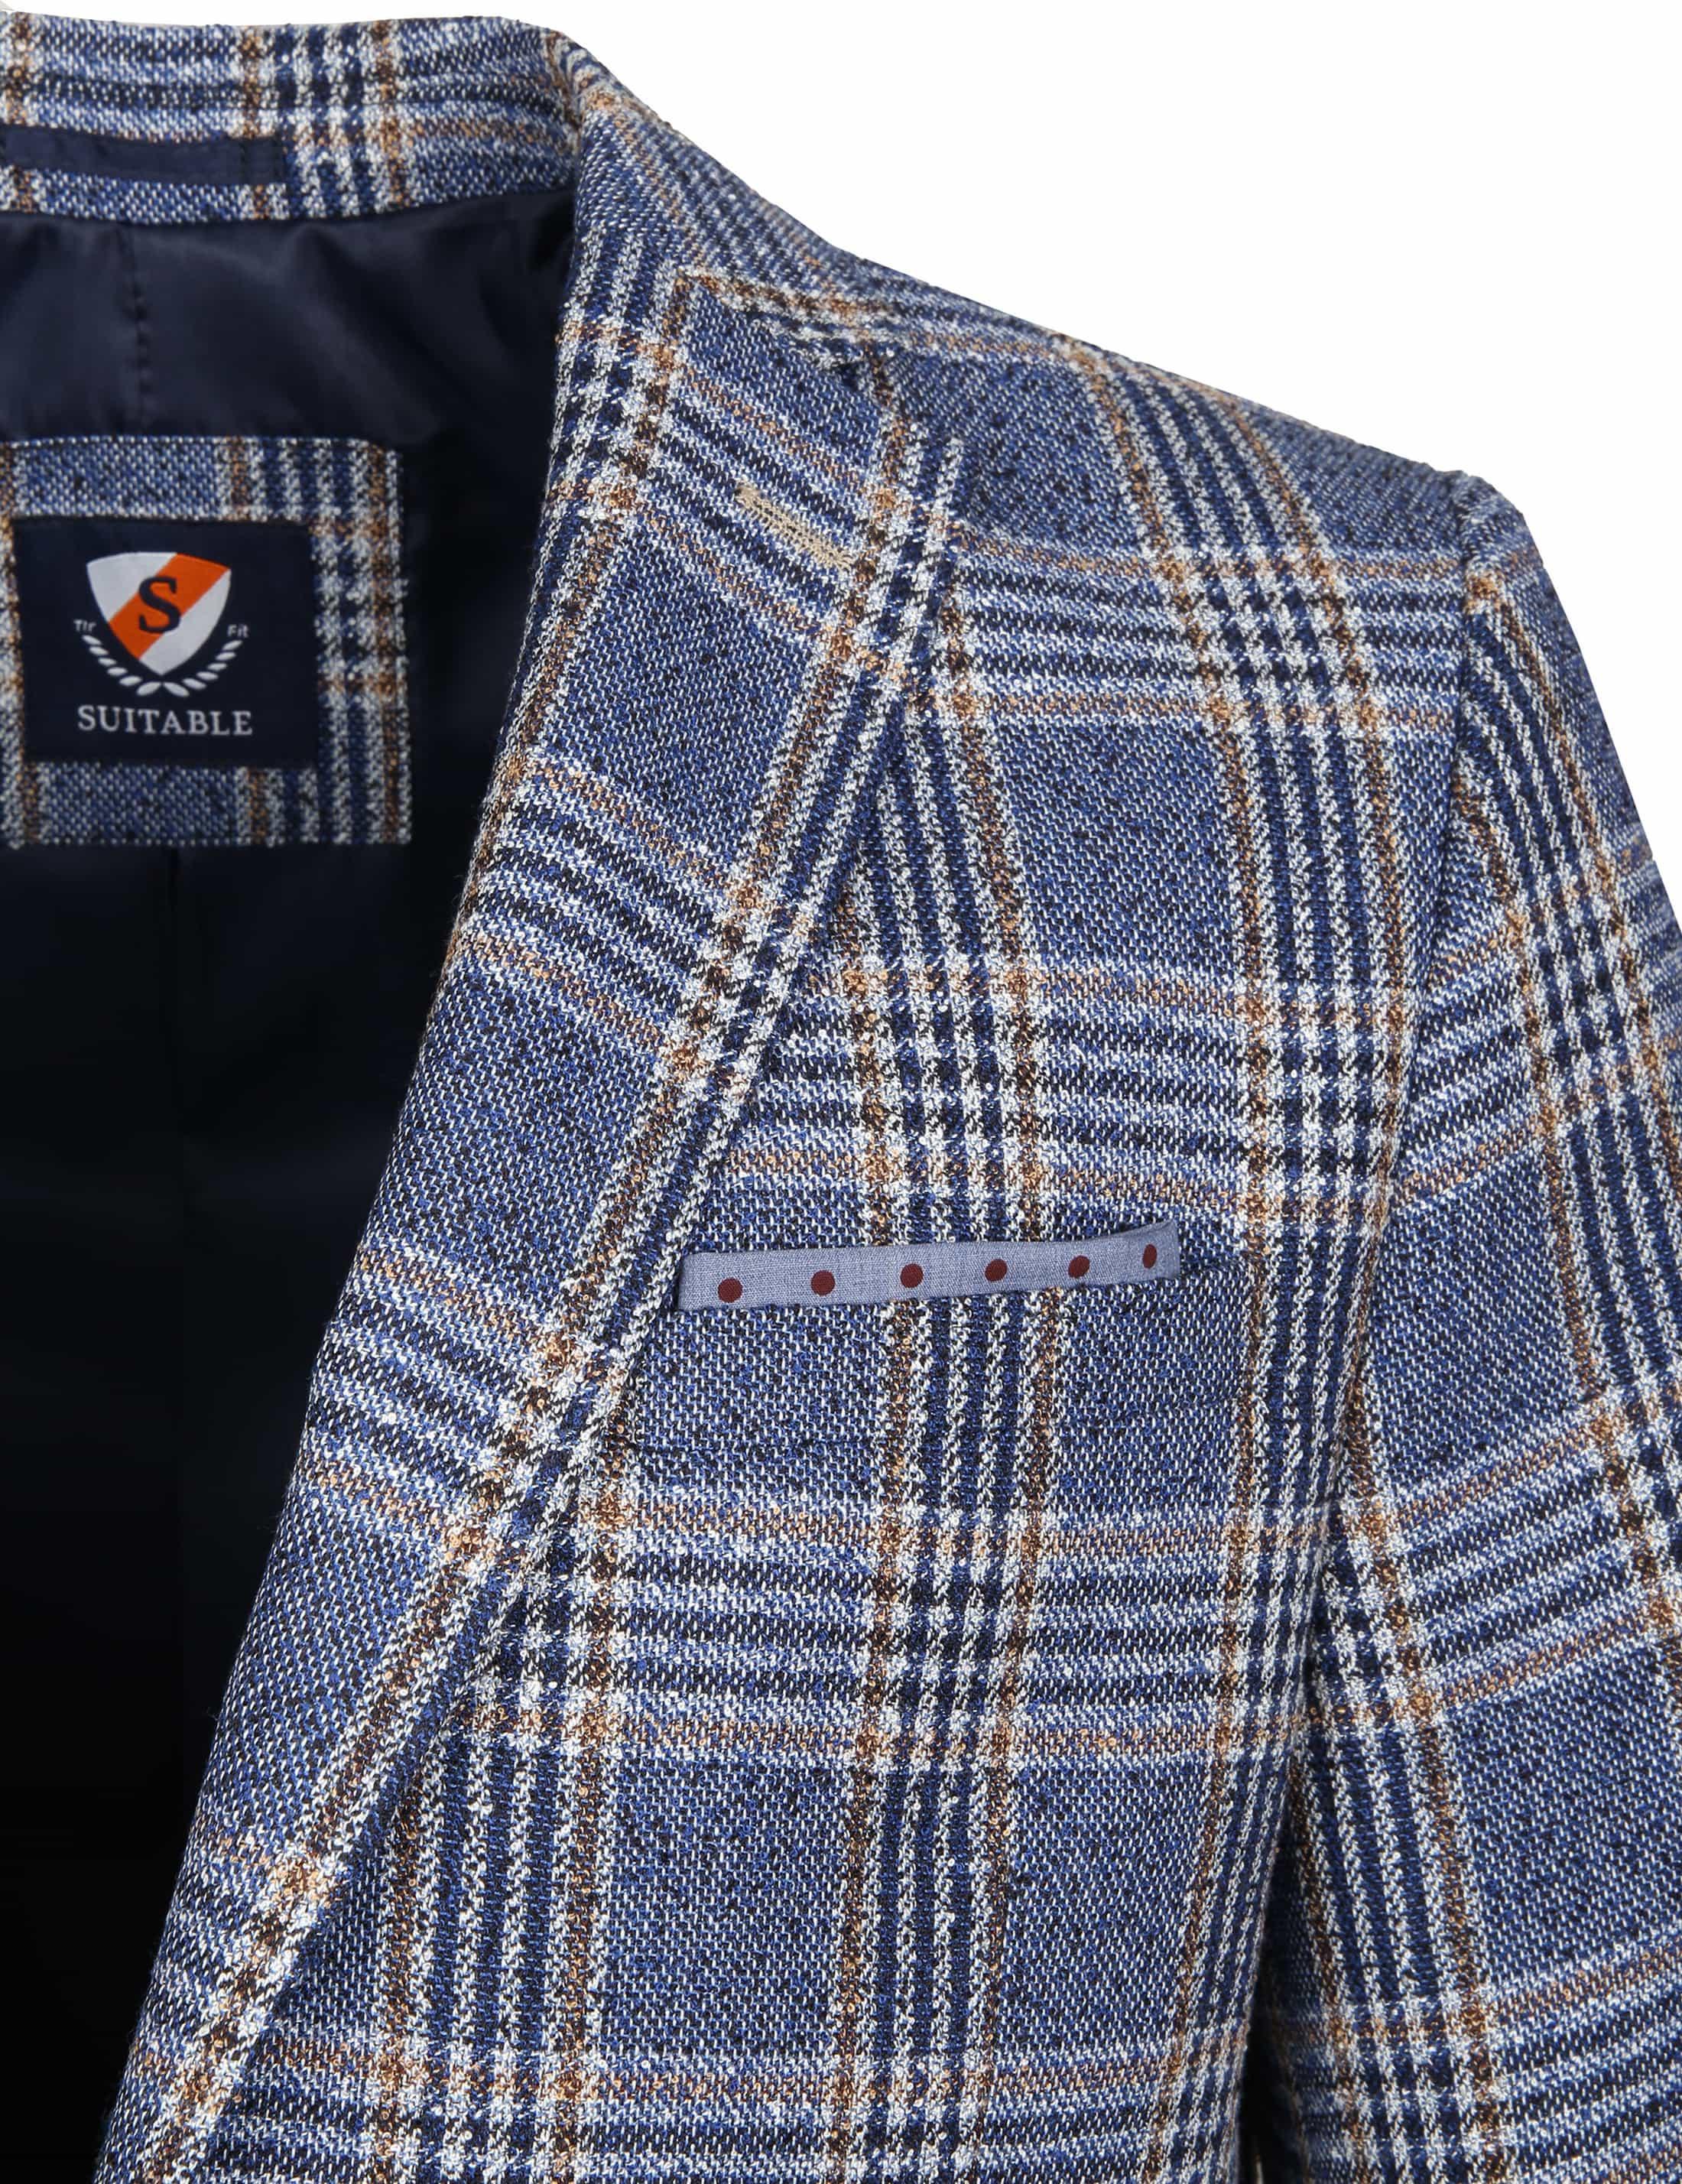 Suitable Blazer Art Karo Blau foto 1